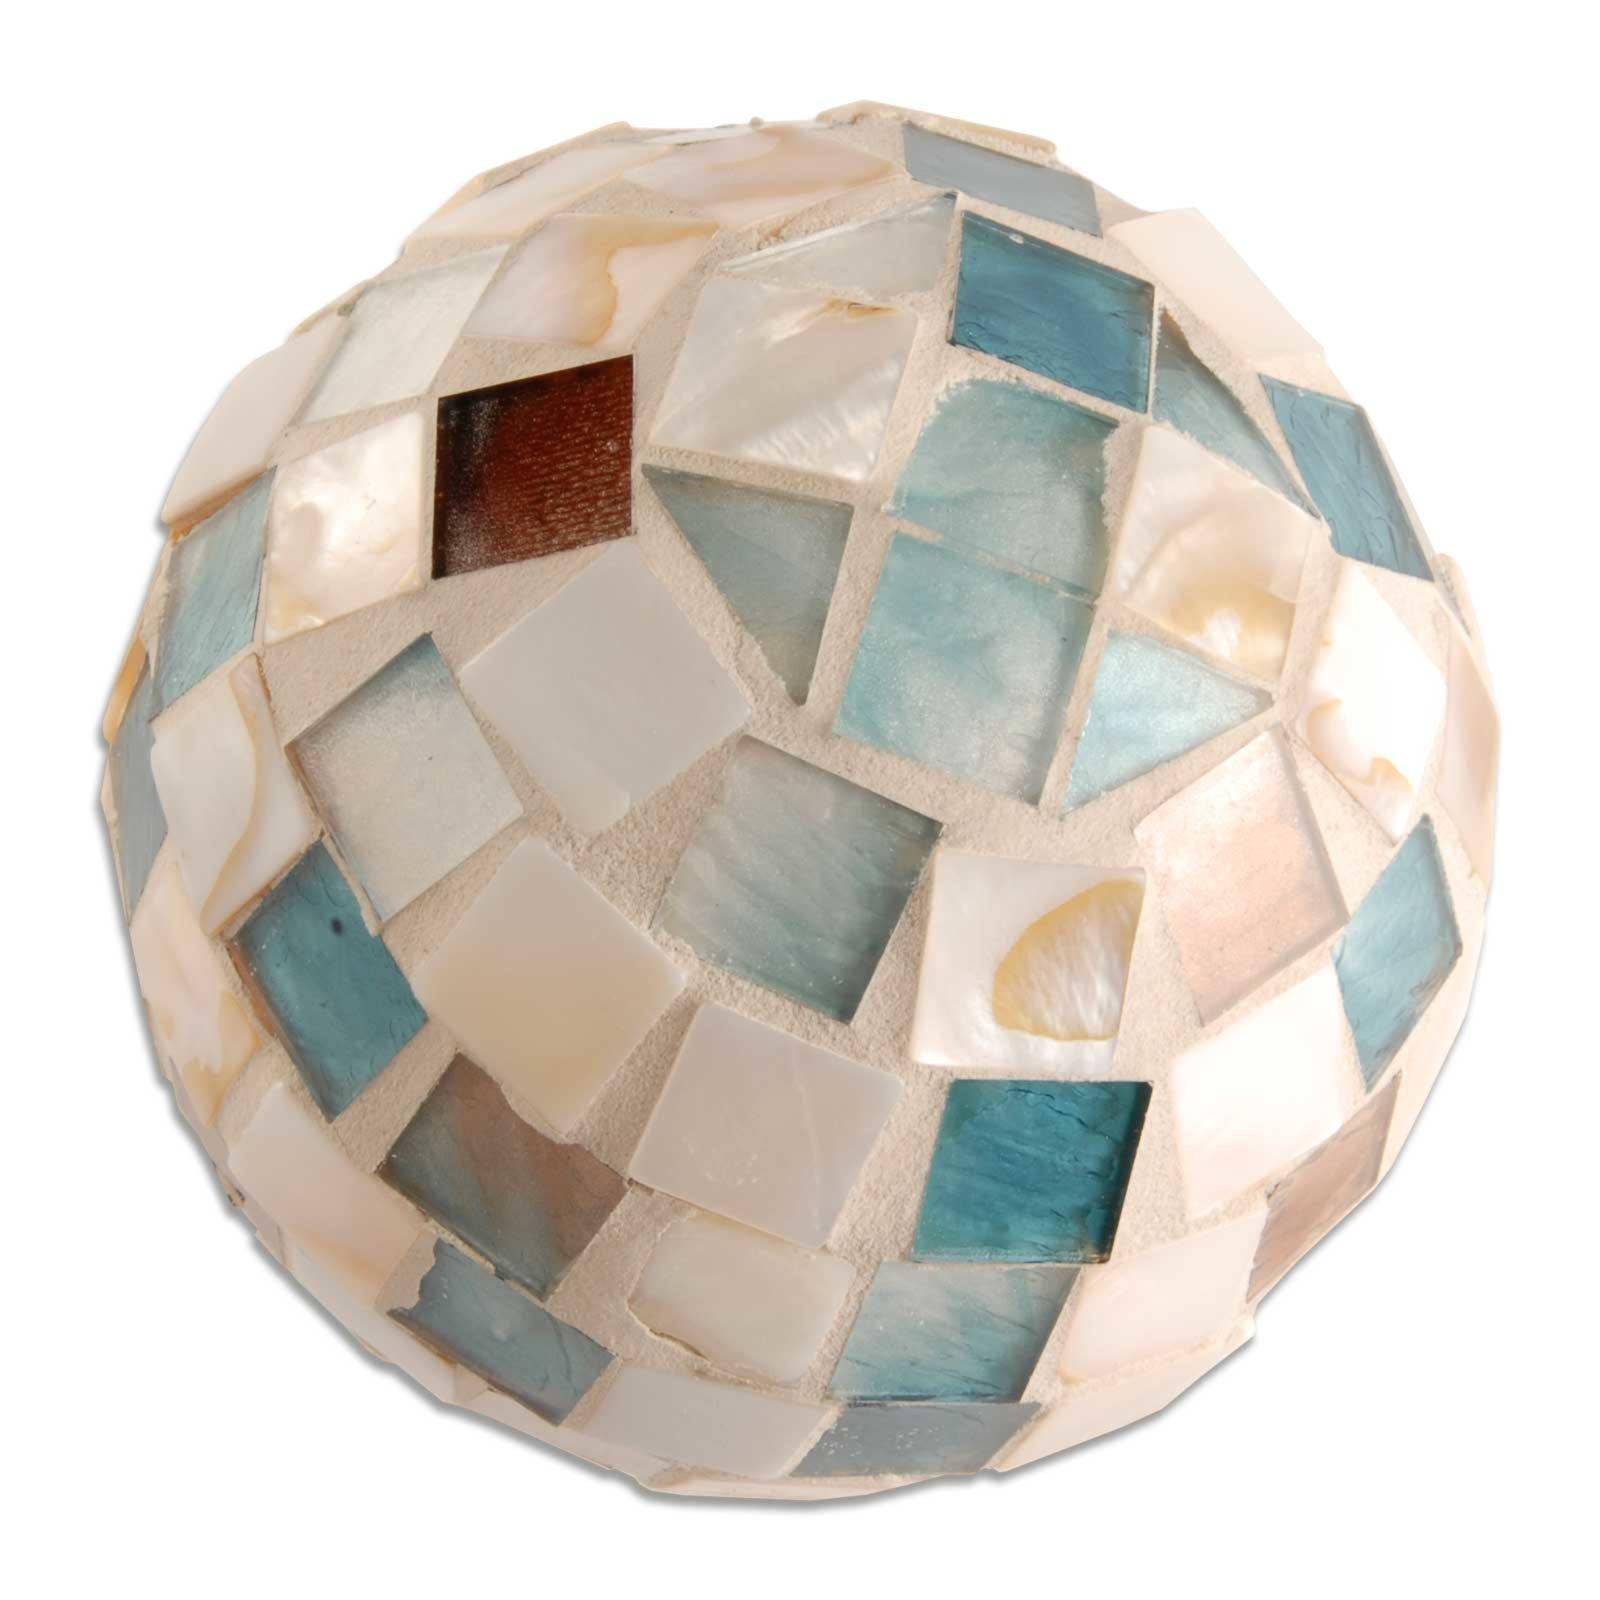 Dekokugel - Mosaik - blau-beige - 8,5 cm